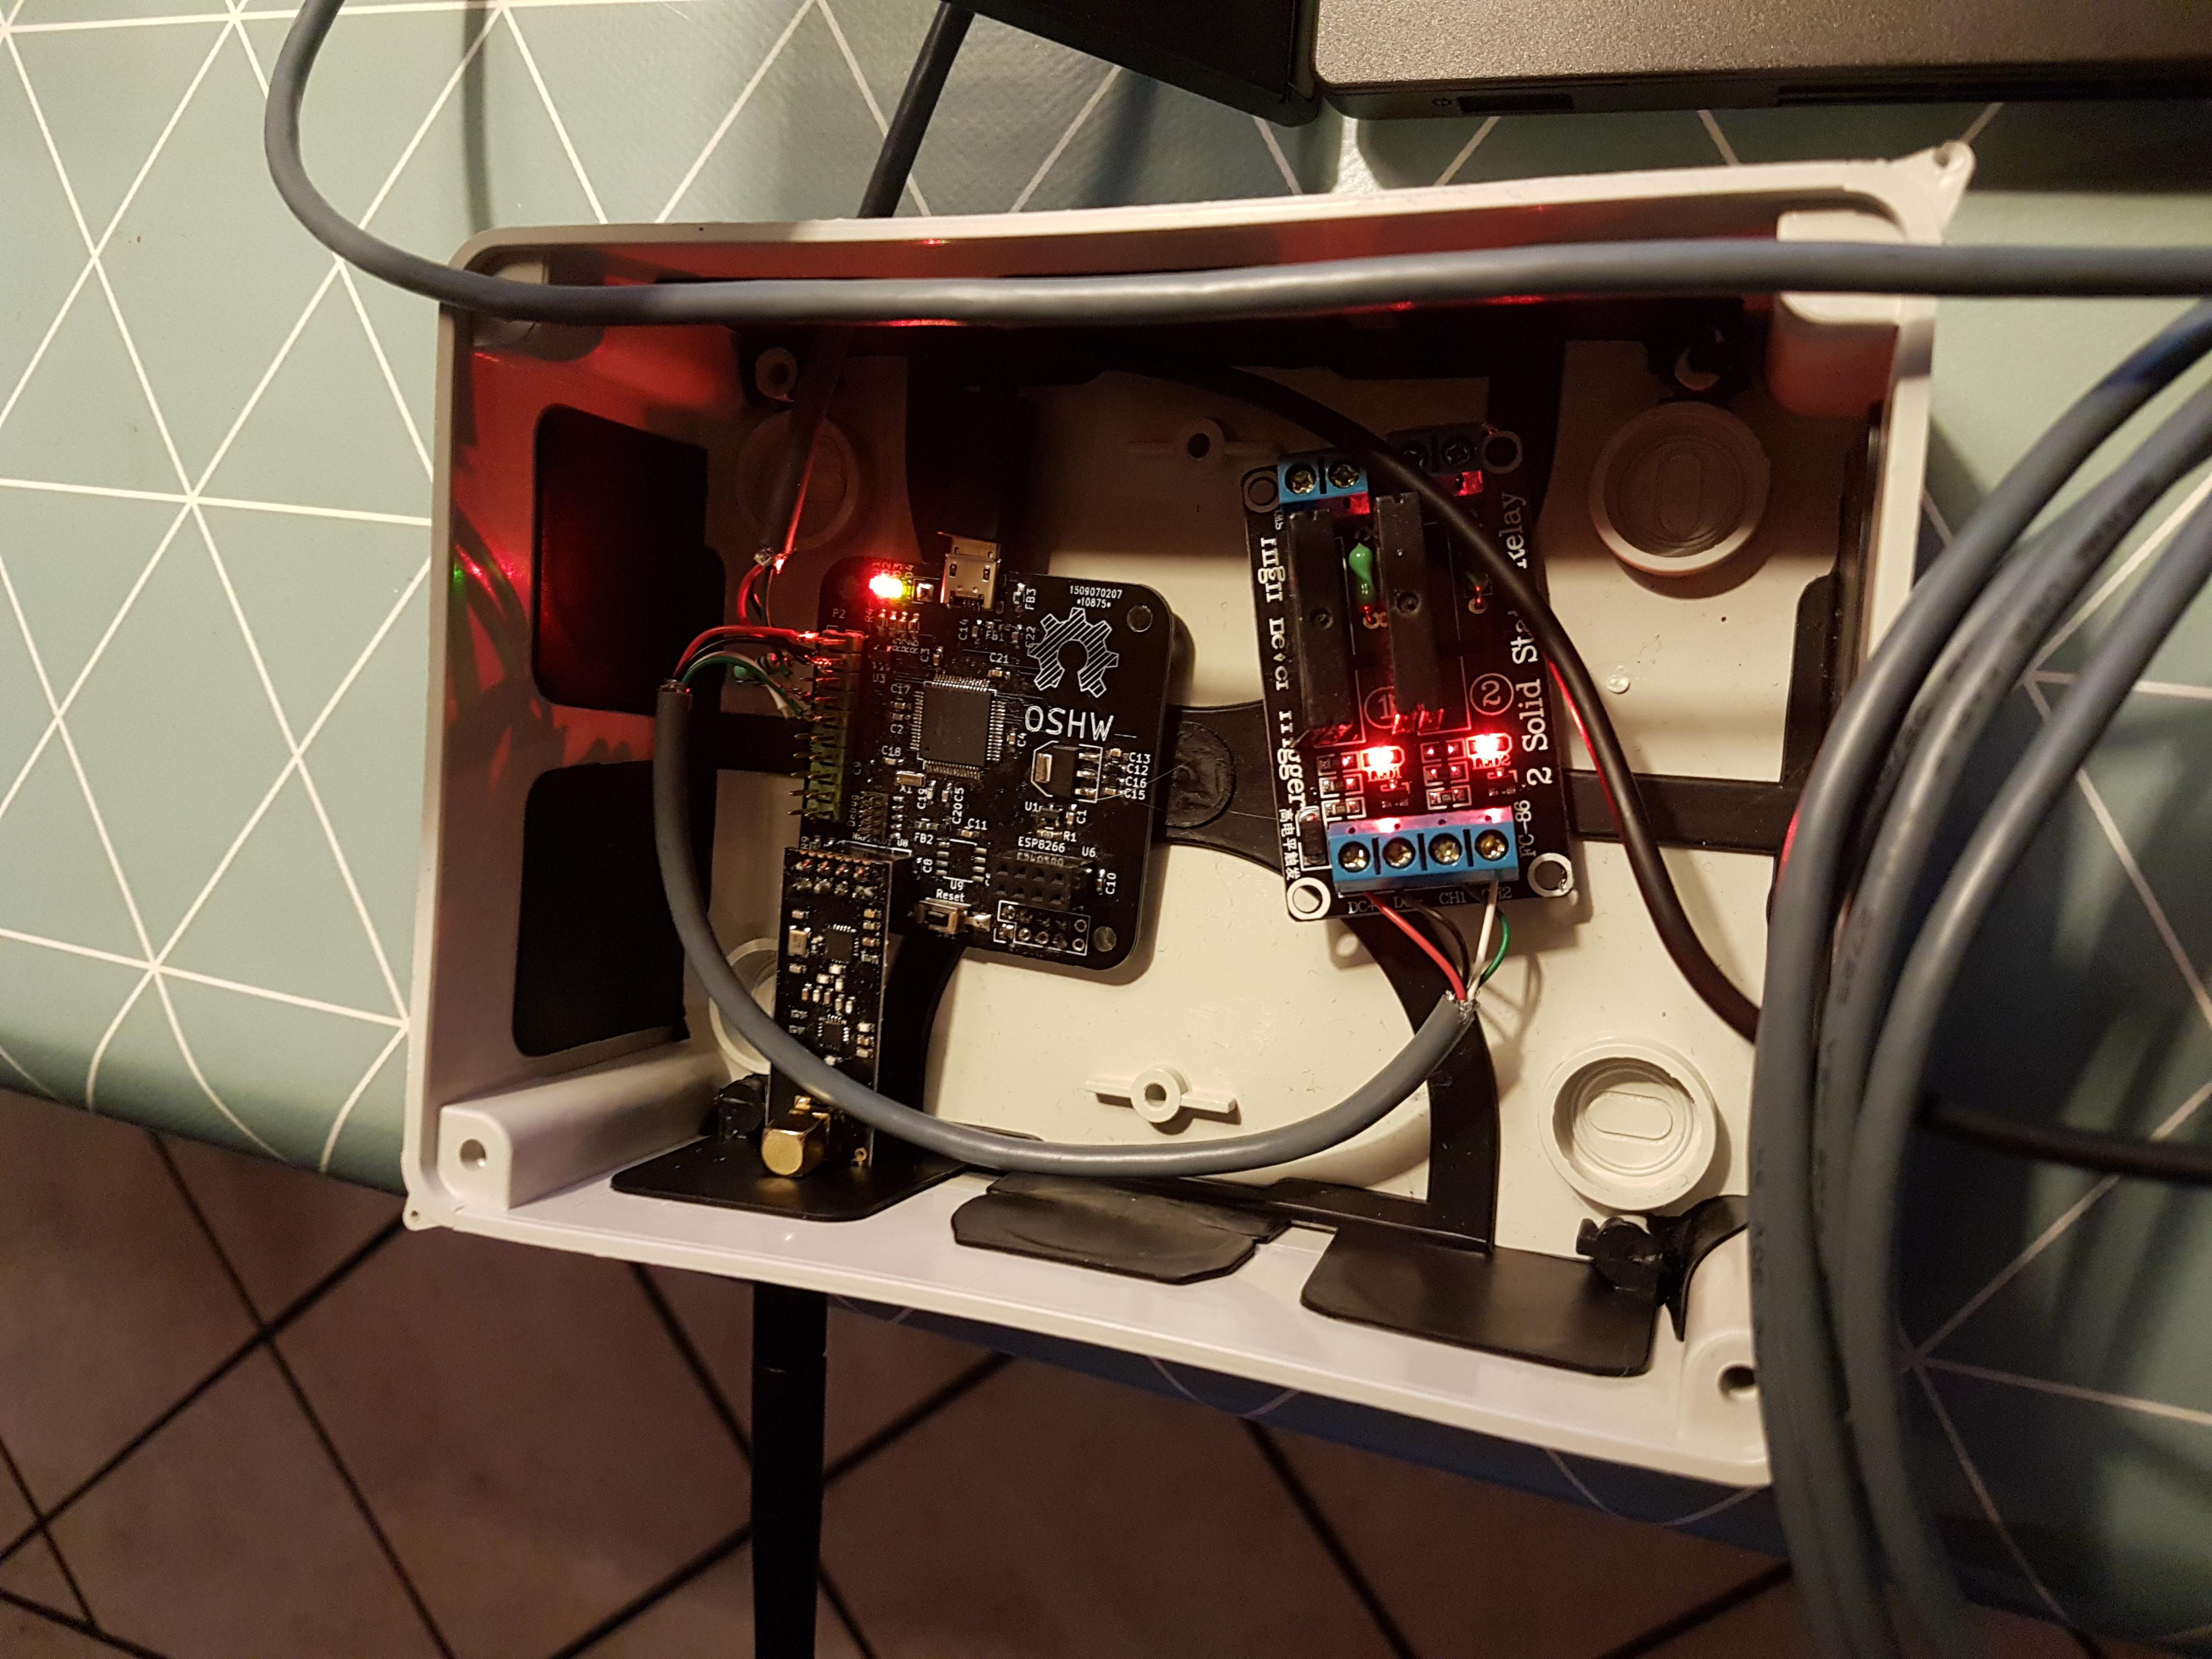 Floor heating controller | OpenHardware io - Enables Open